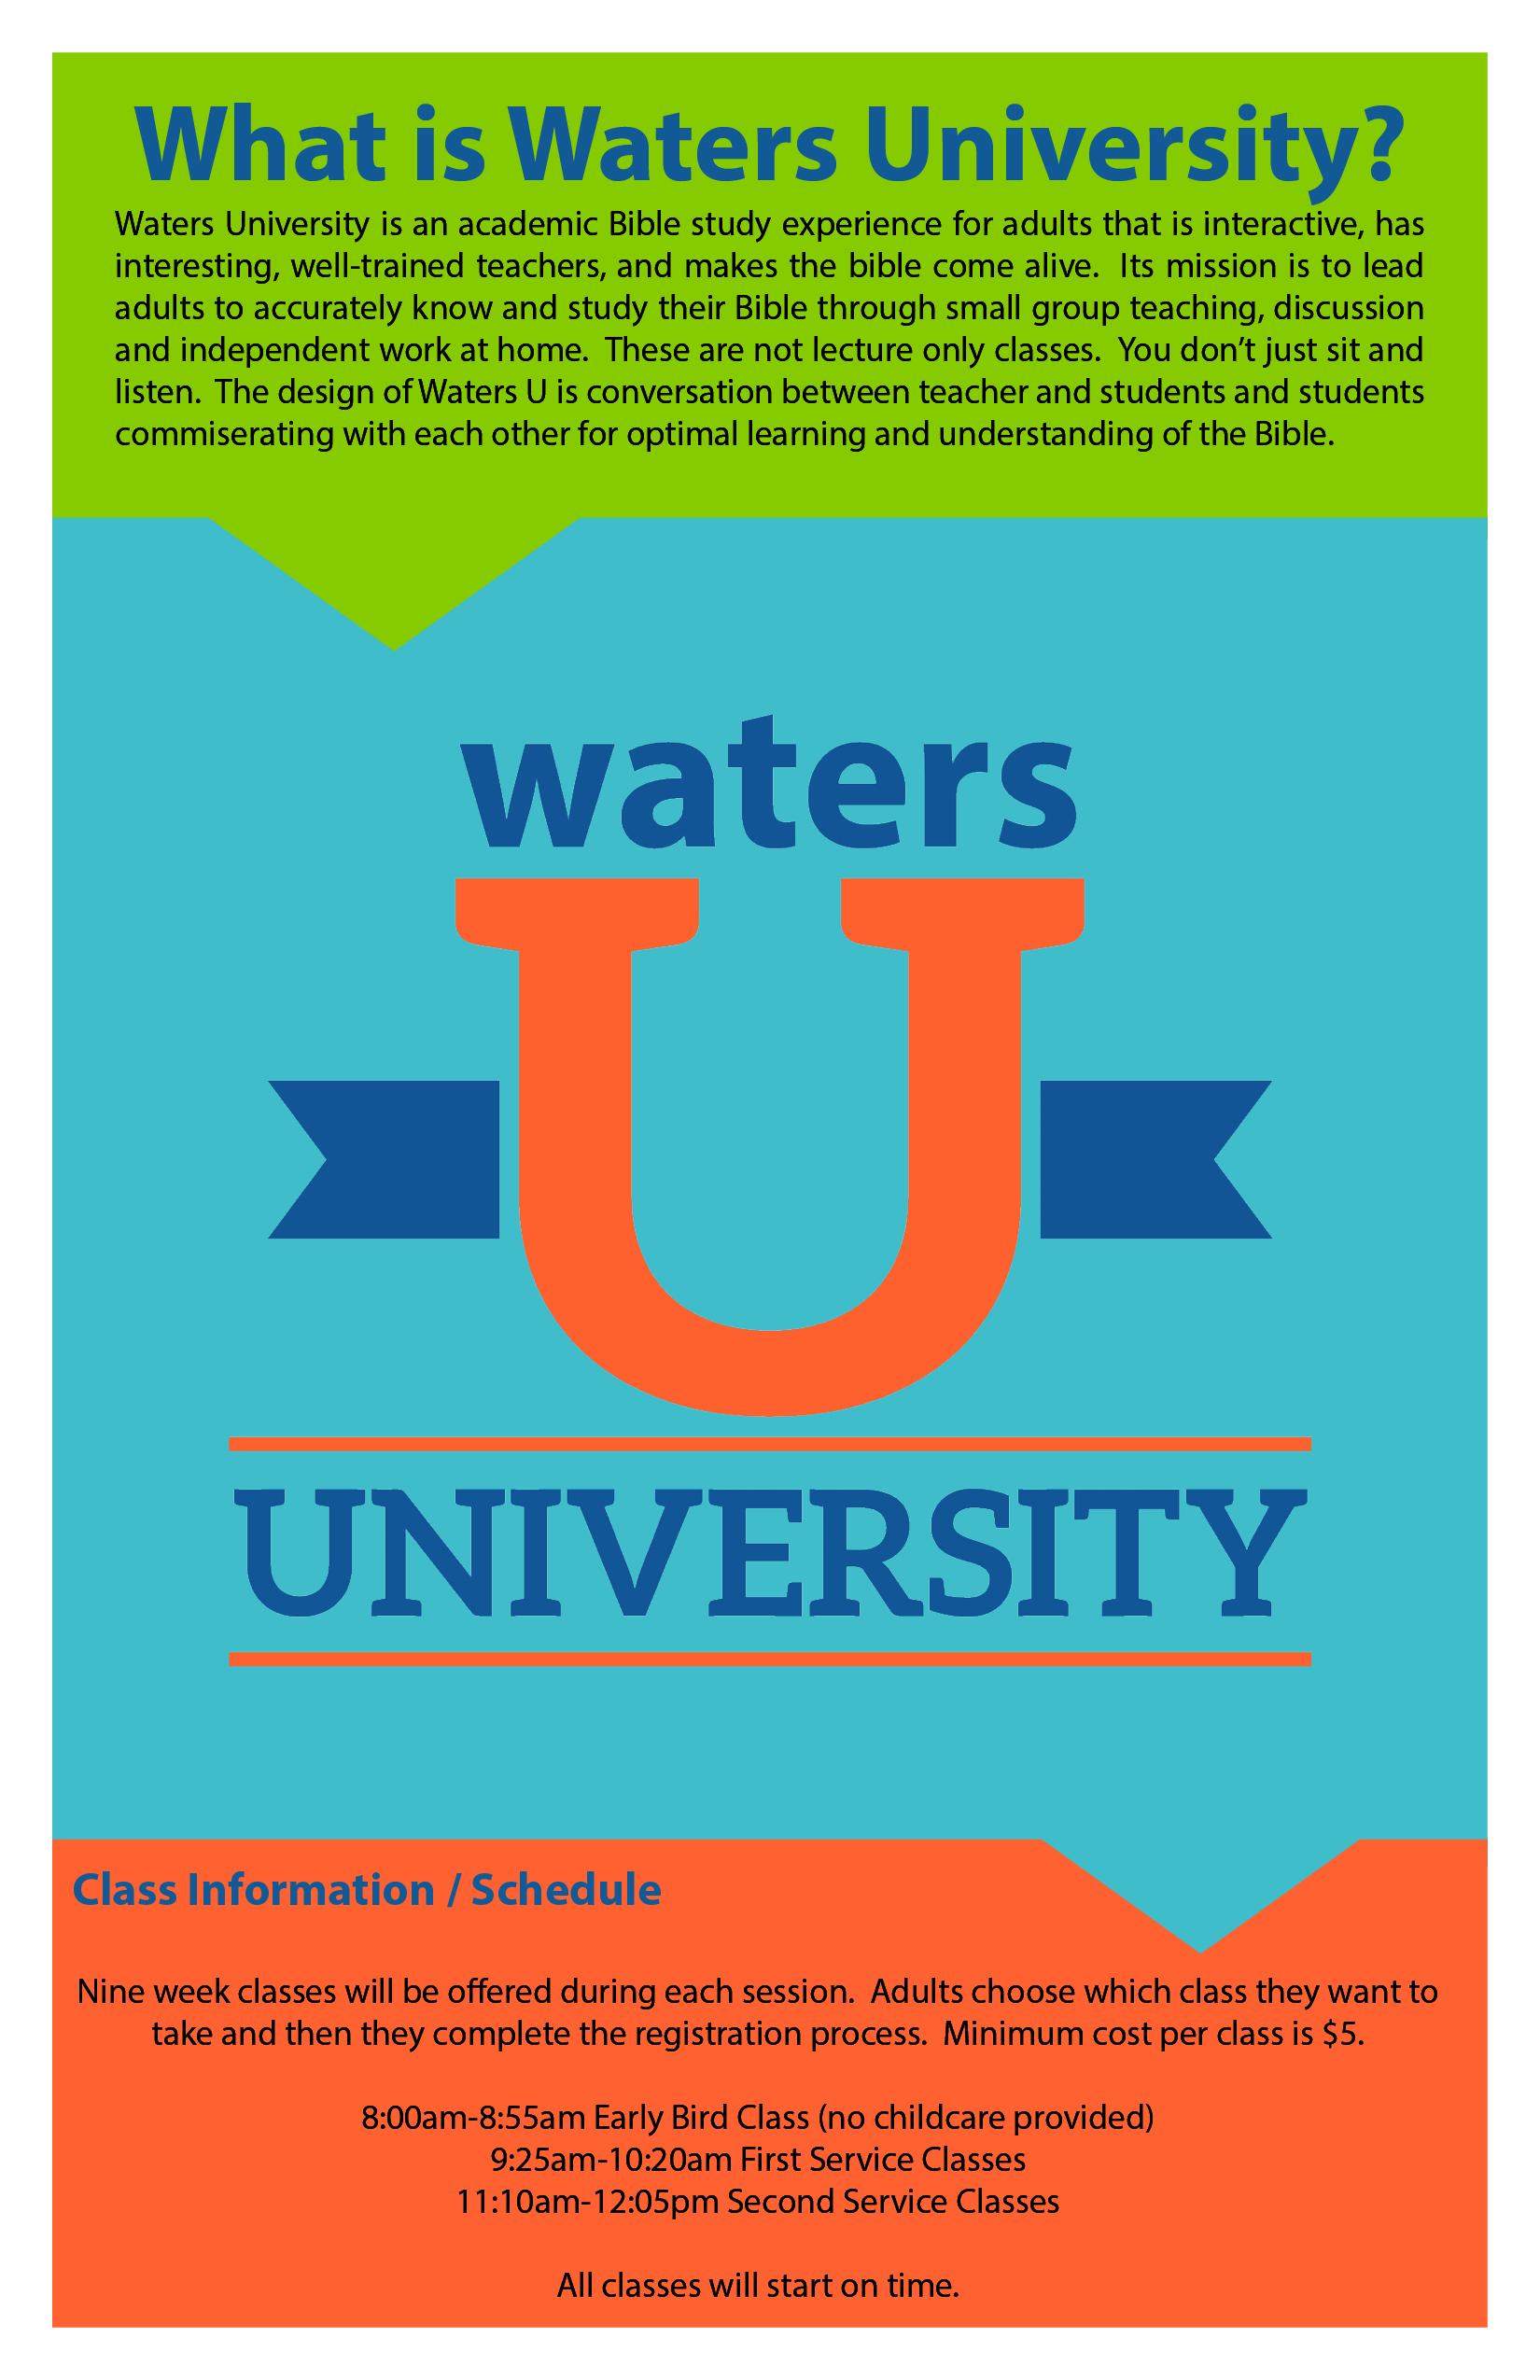 What is Waters U?.jpg